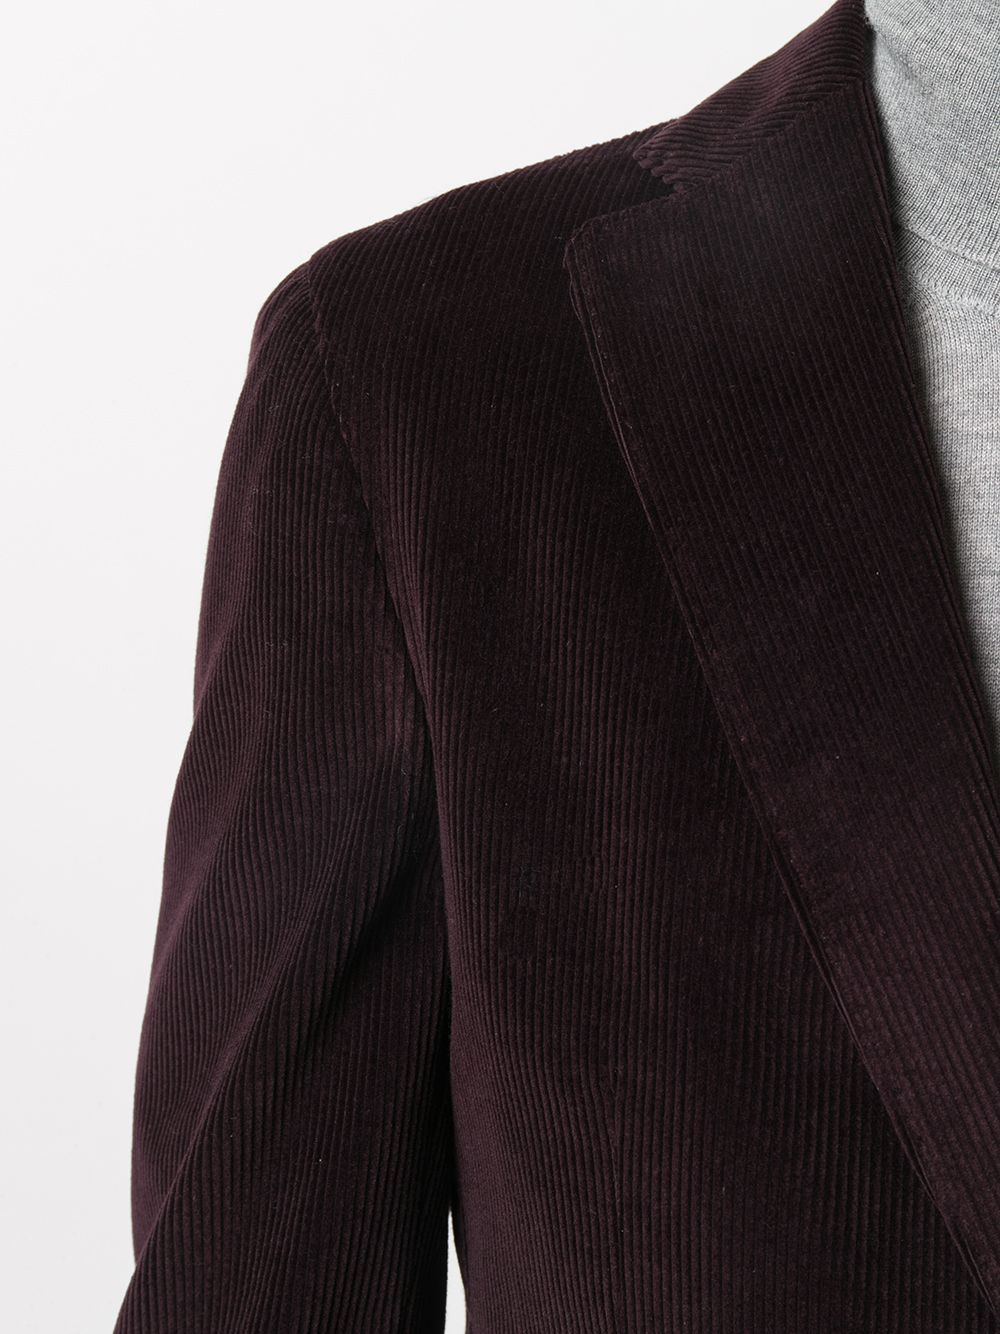 Giacca in cotone viola con revers a dente ELEVENTY | Giacche | B75GIAA02-JAC2800110